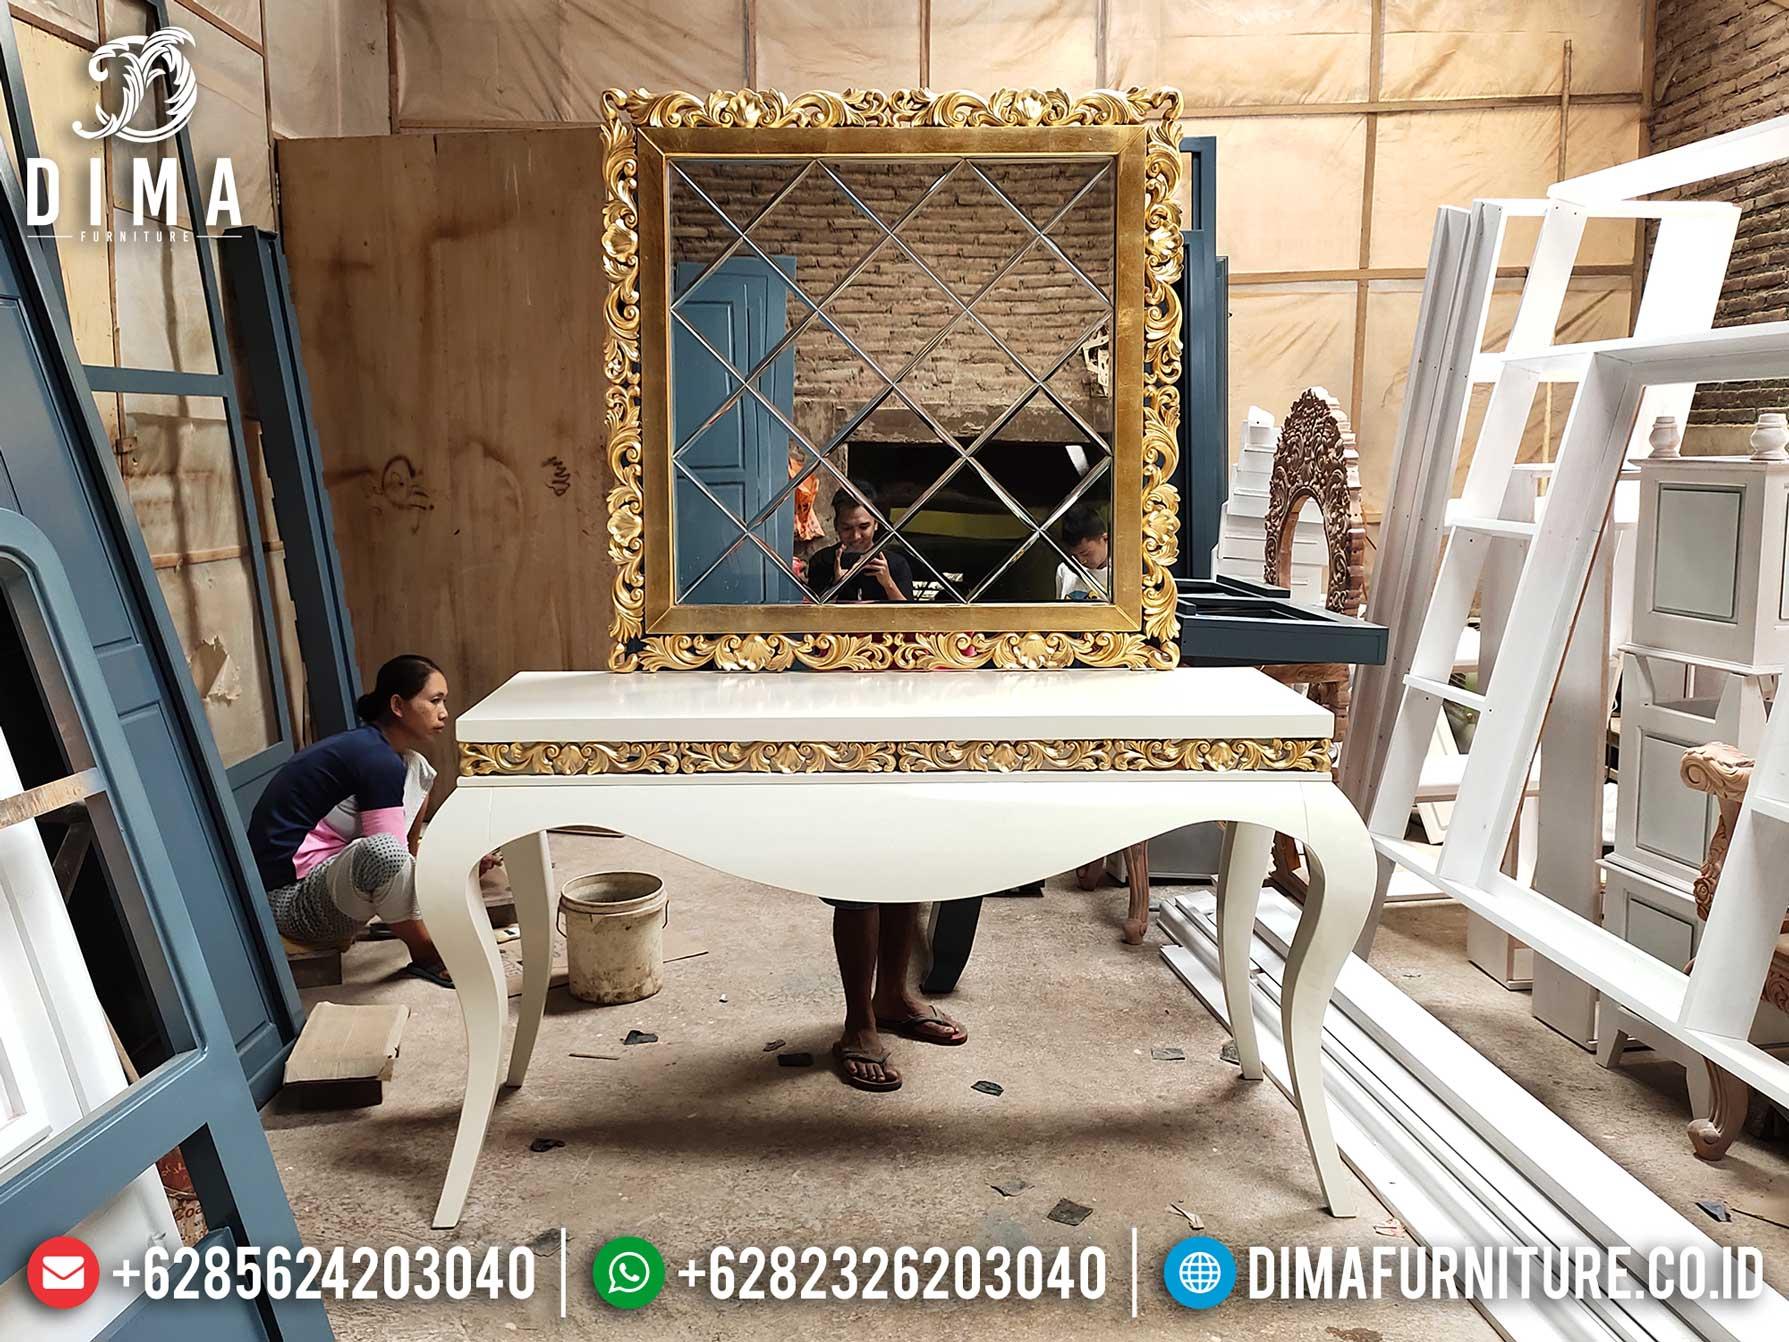 Meja Konsol Mewah Luxury Classic Furniture Jepara Terbaru New Design 2021 ST-1024